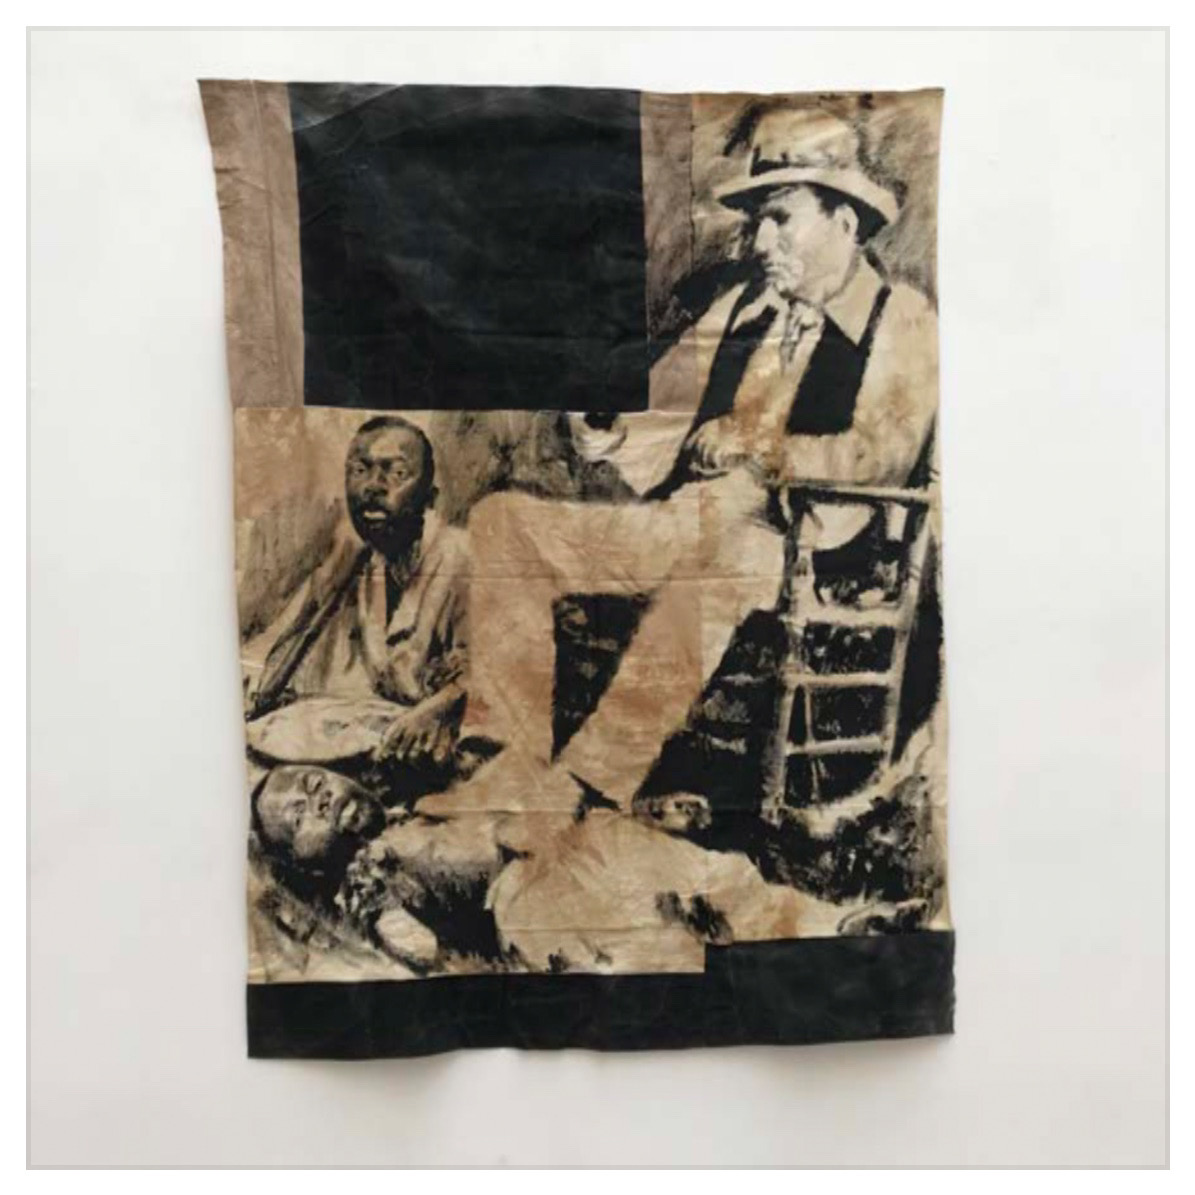 ROMÉO MIVEKANNIN  Le colon, Afrique du sud, 2020, Acrylique, bains d'élixir sur toile libre, 186 x 146 cm.  Courtesy galerie Eric Dupont, Paris.